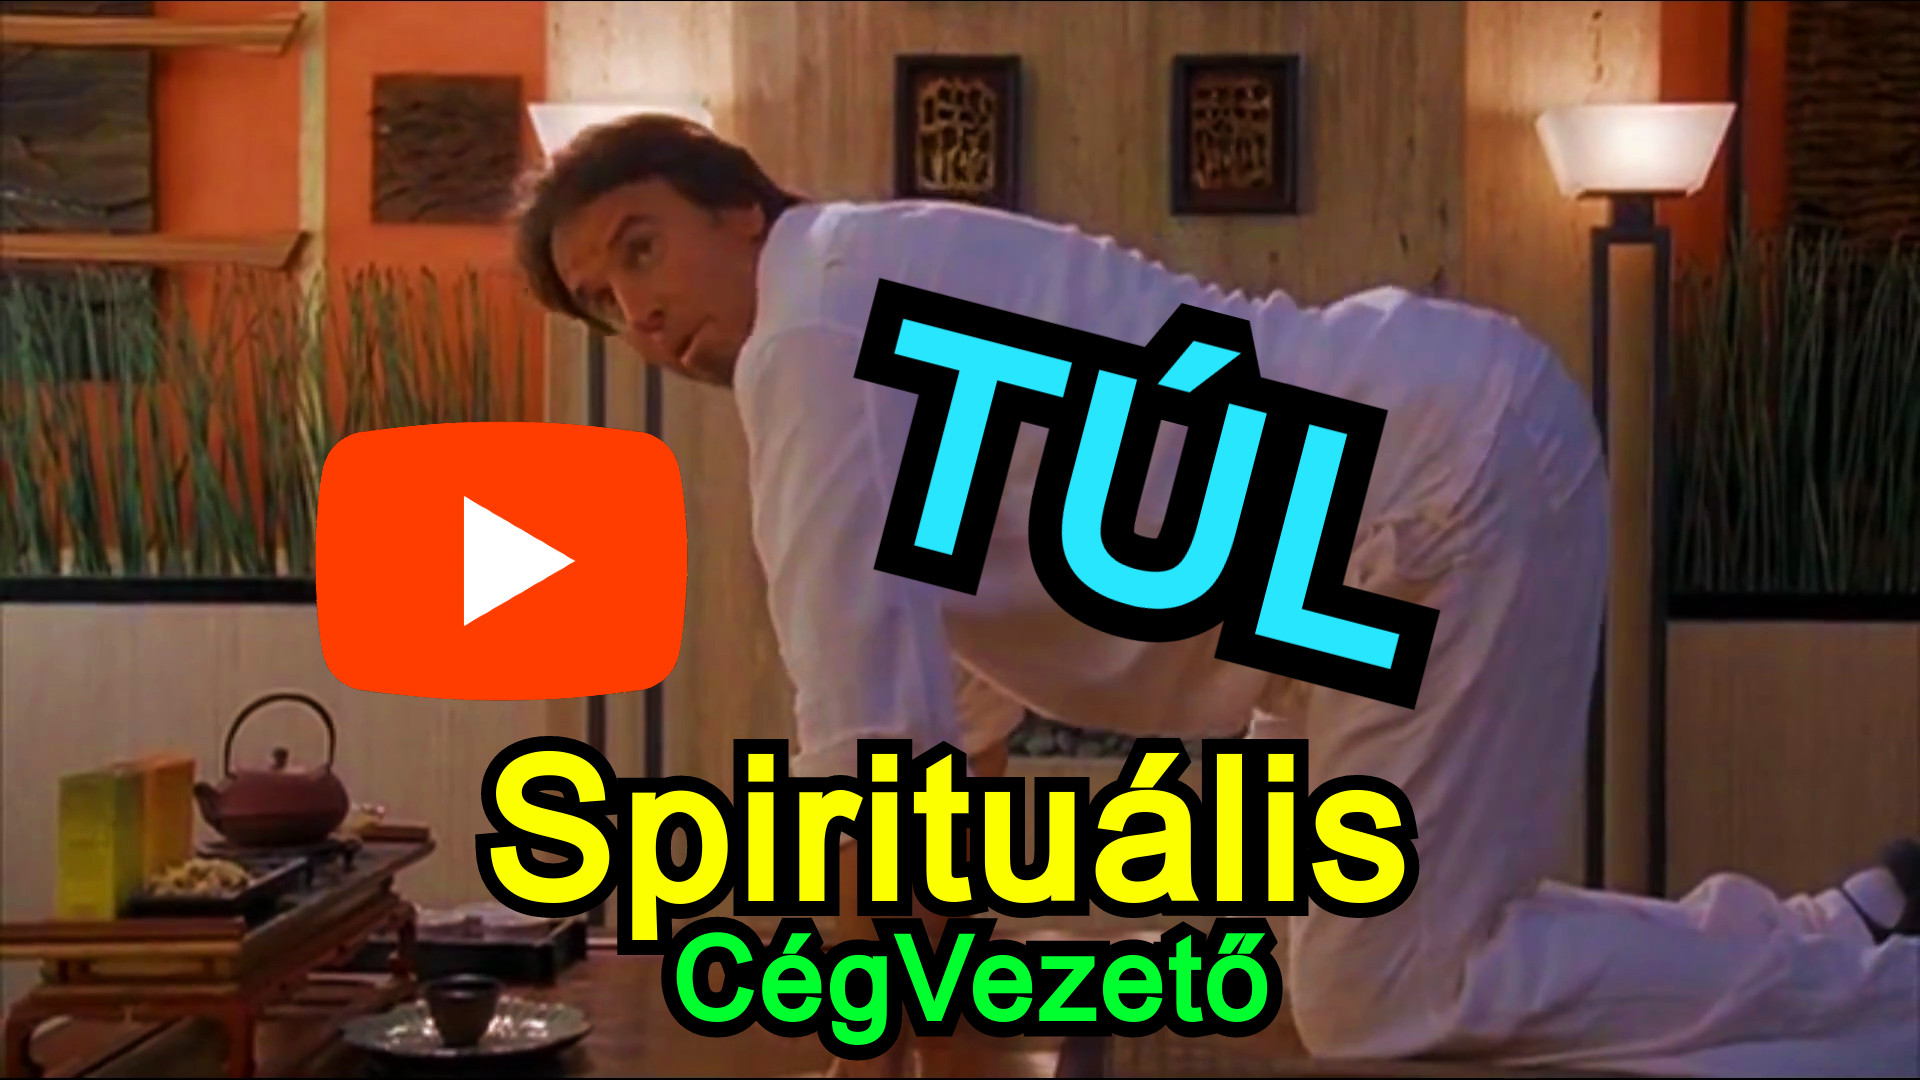 Túl Spirituális Informatikai CégVezető ?? Rövid, Vicces Videó ;D